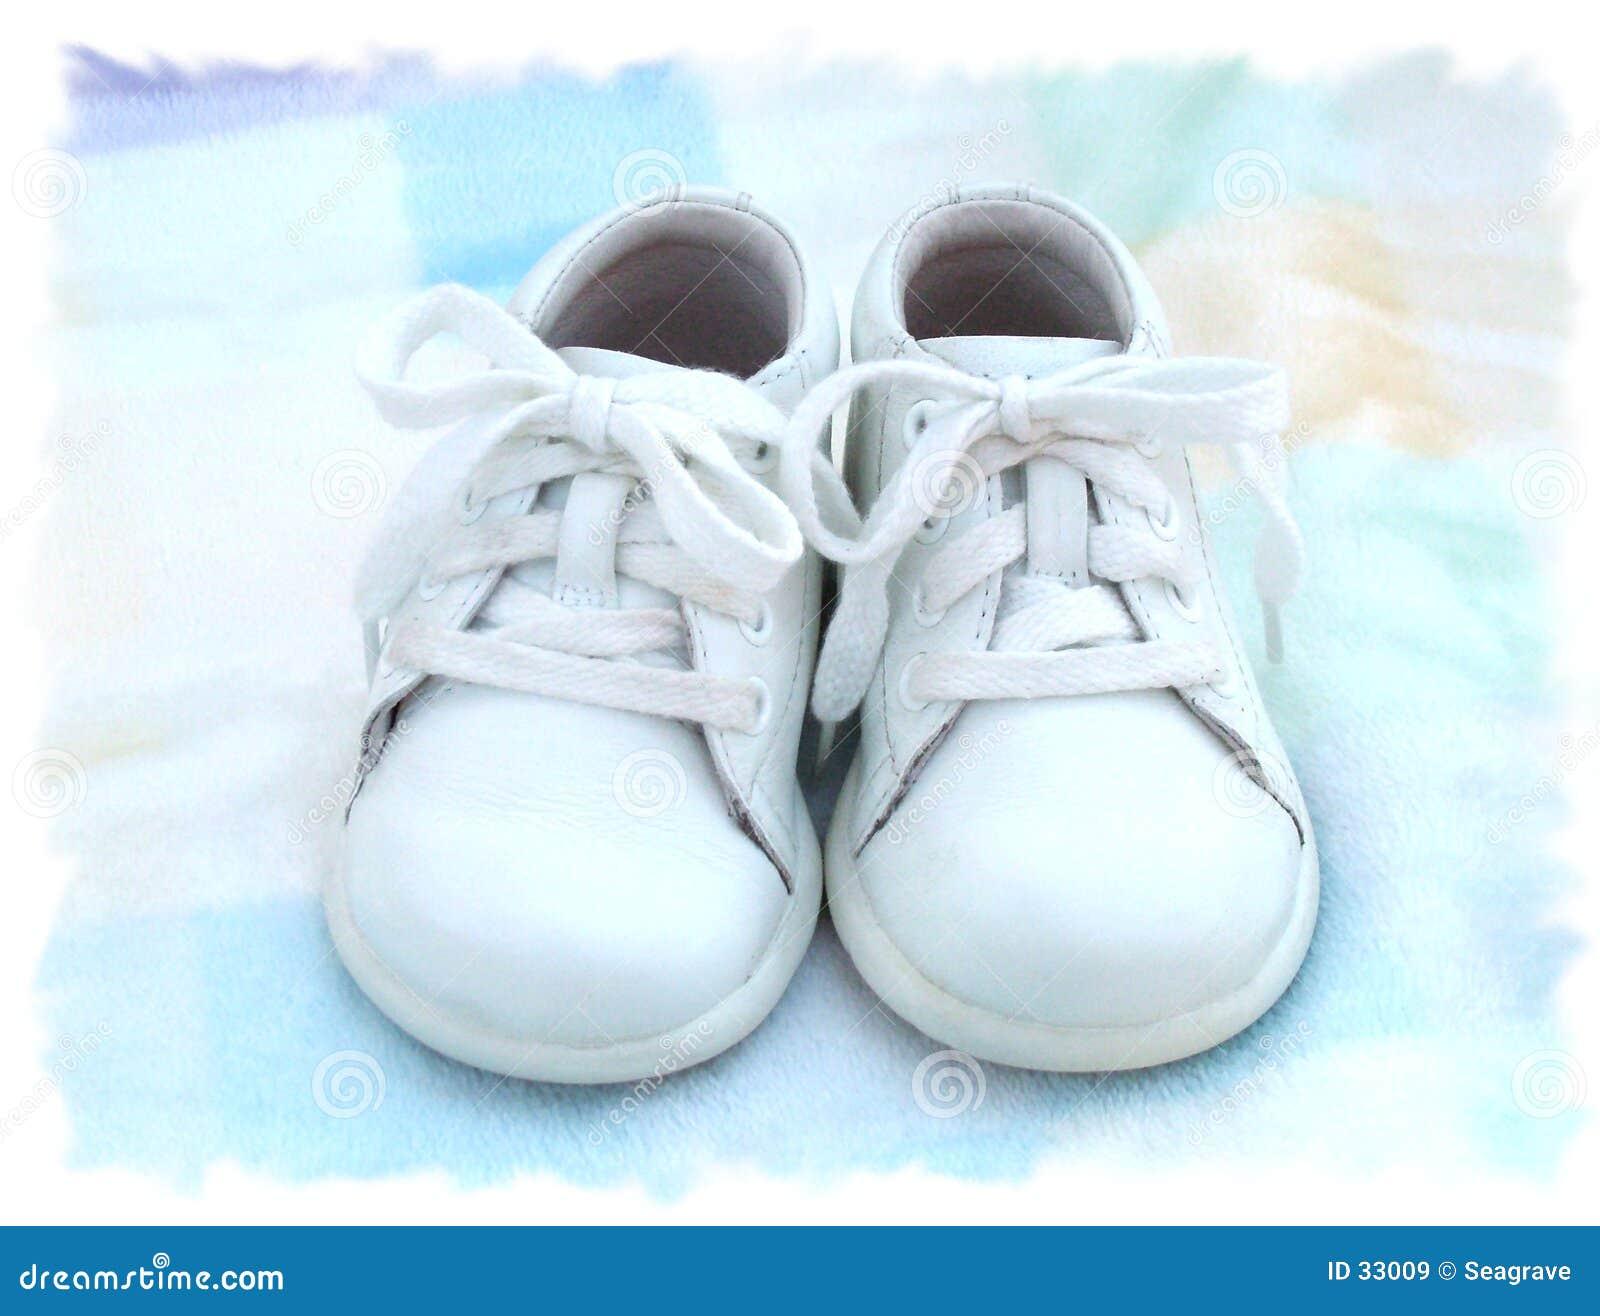 Download Lil'baby zwei Schuhe stockbild. Bild von kinder, pastell - 33009